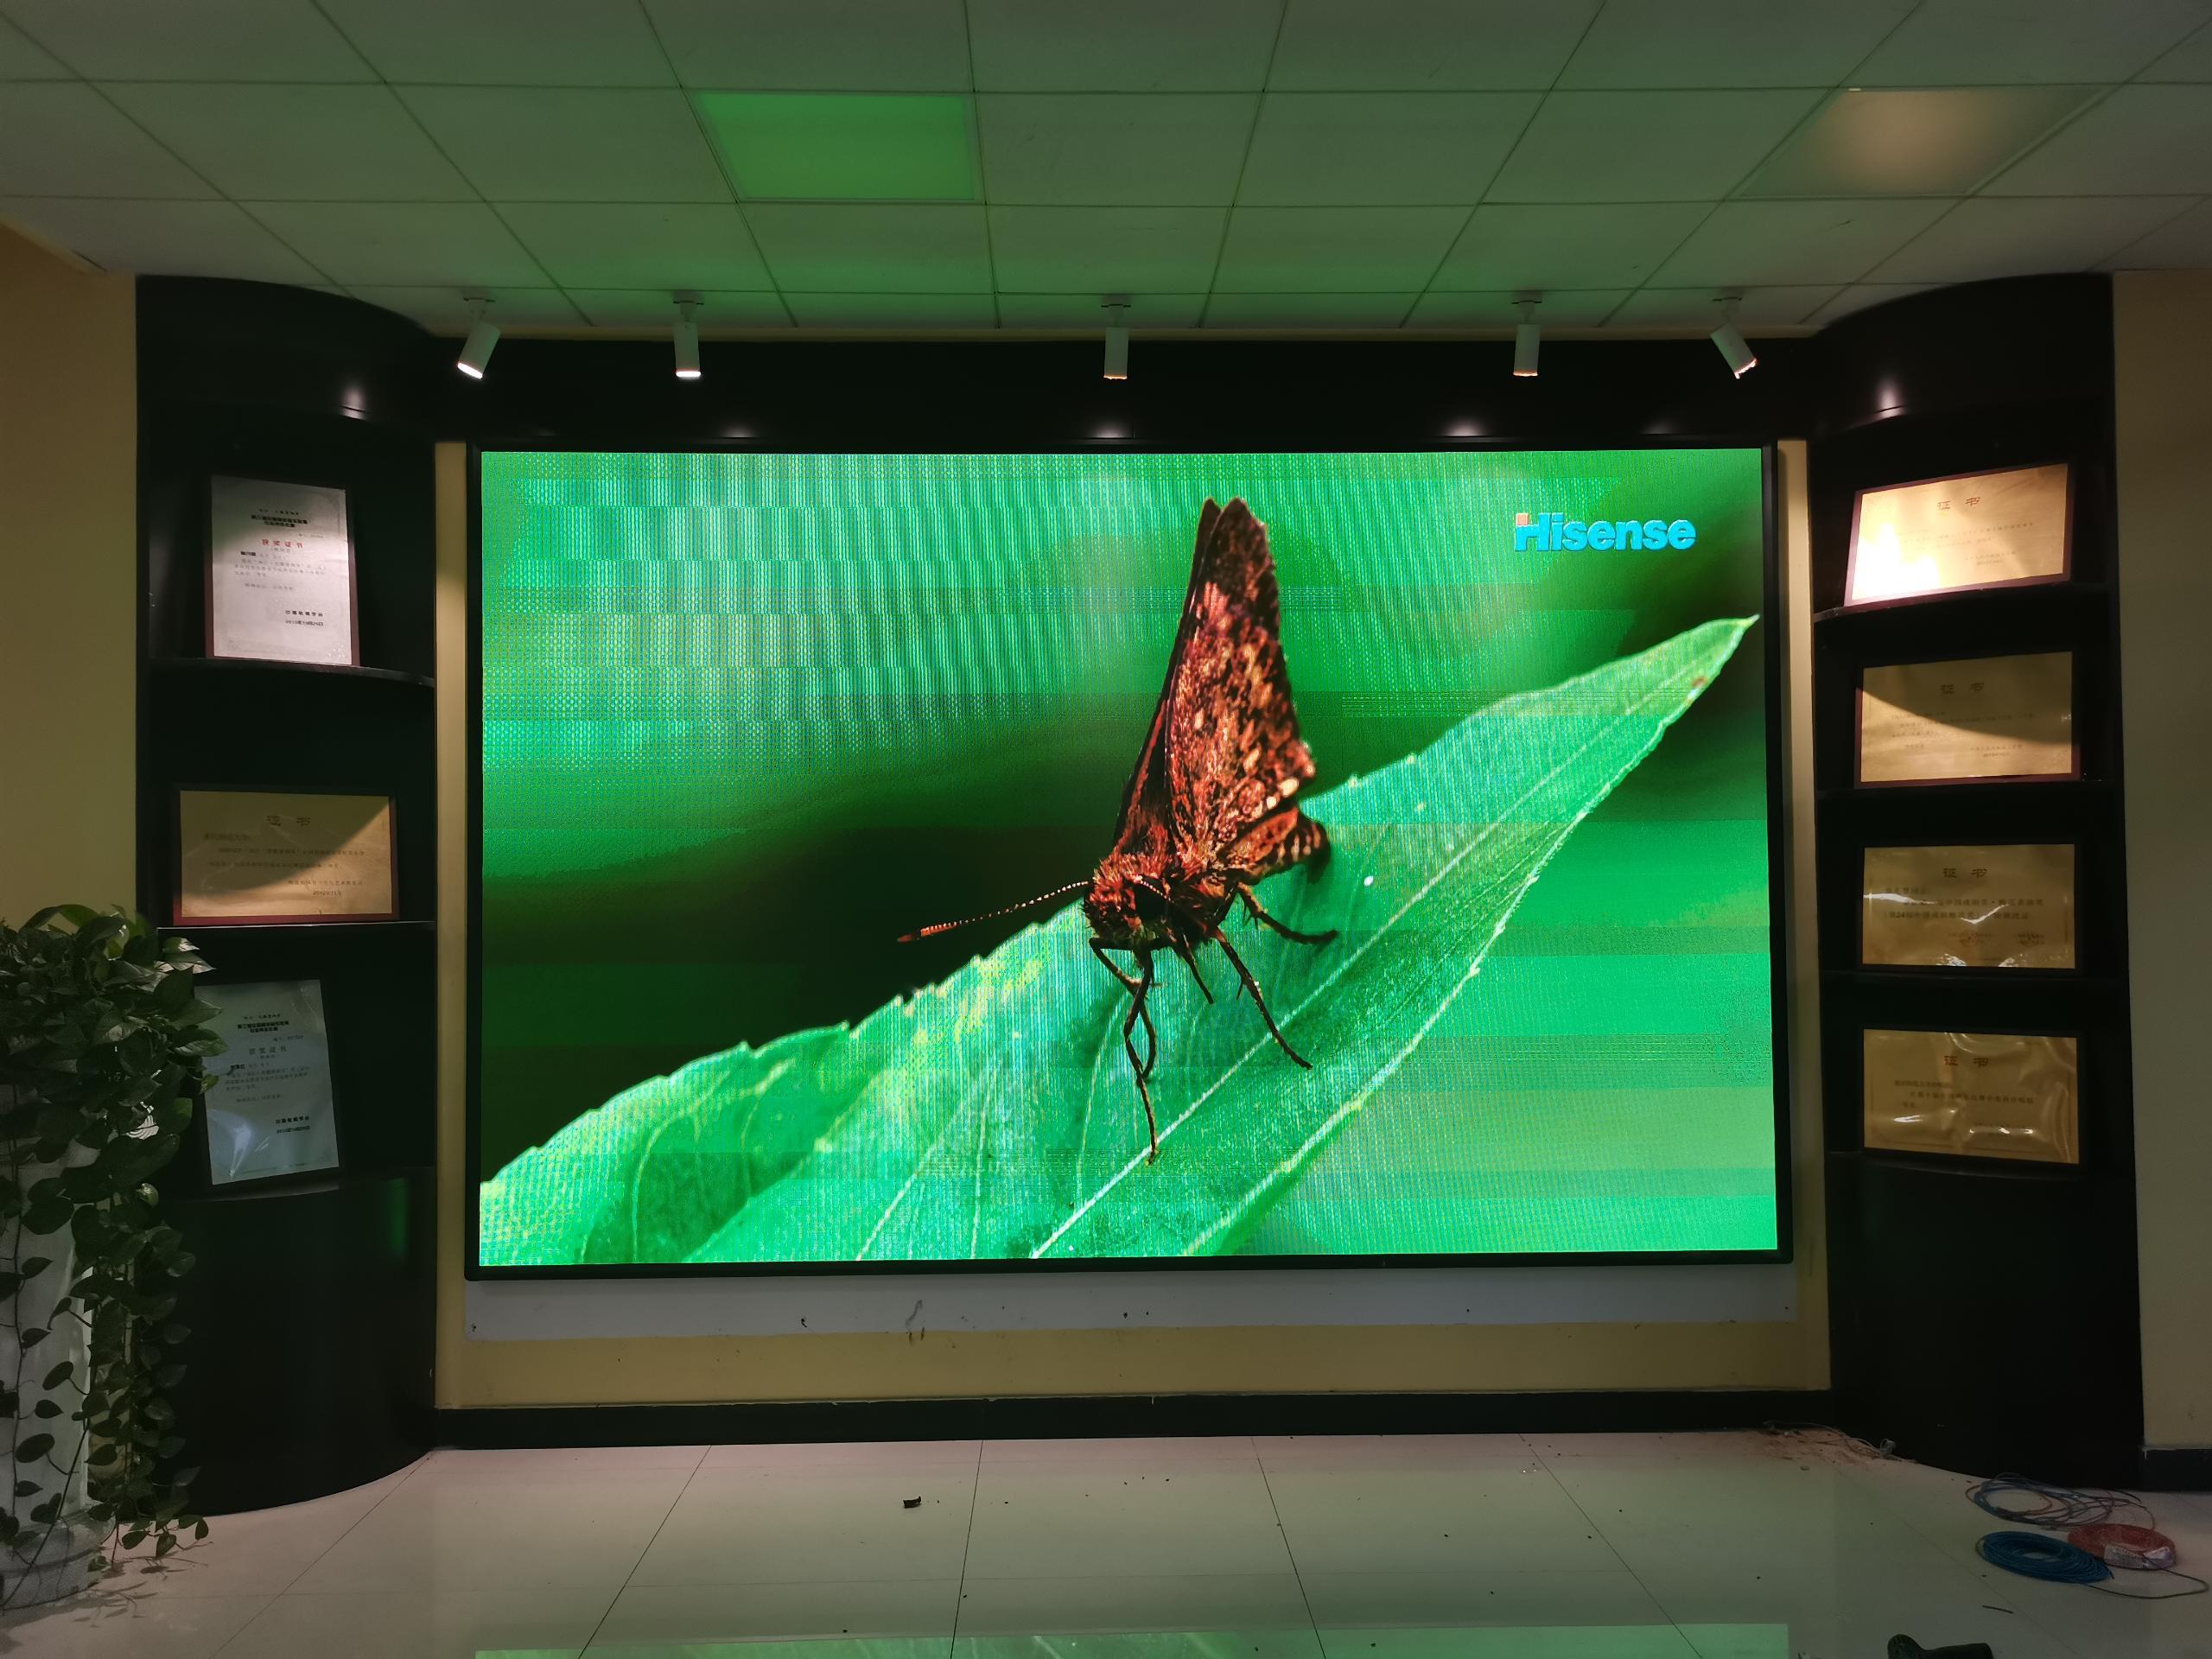 P2.5室内显示屏